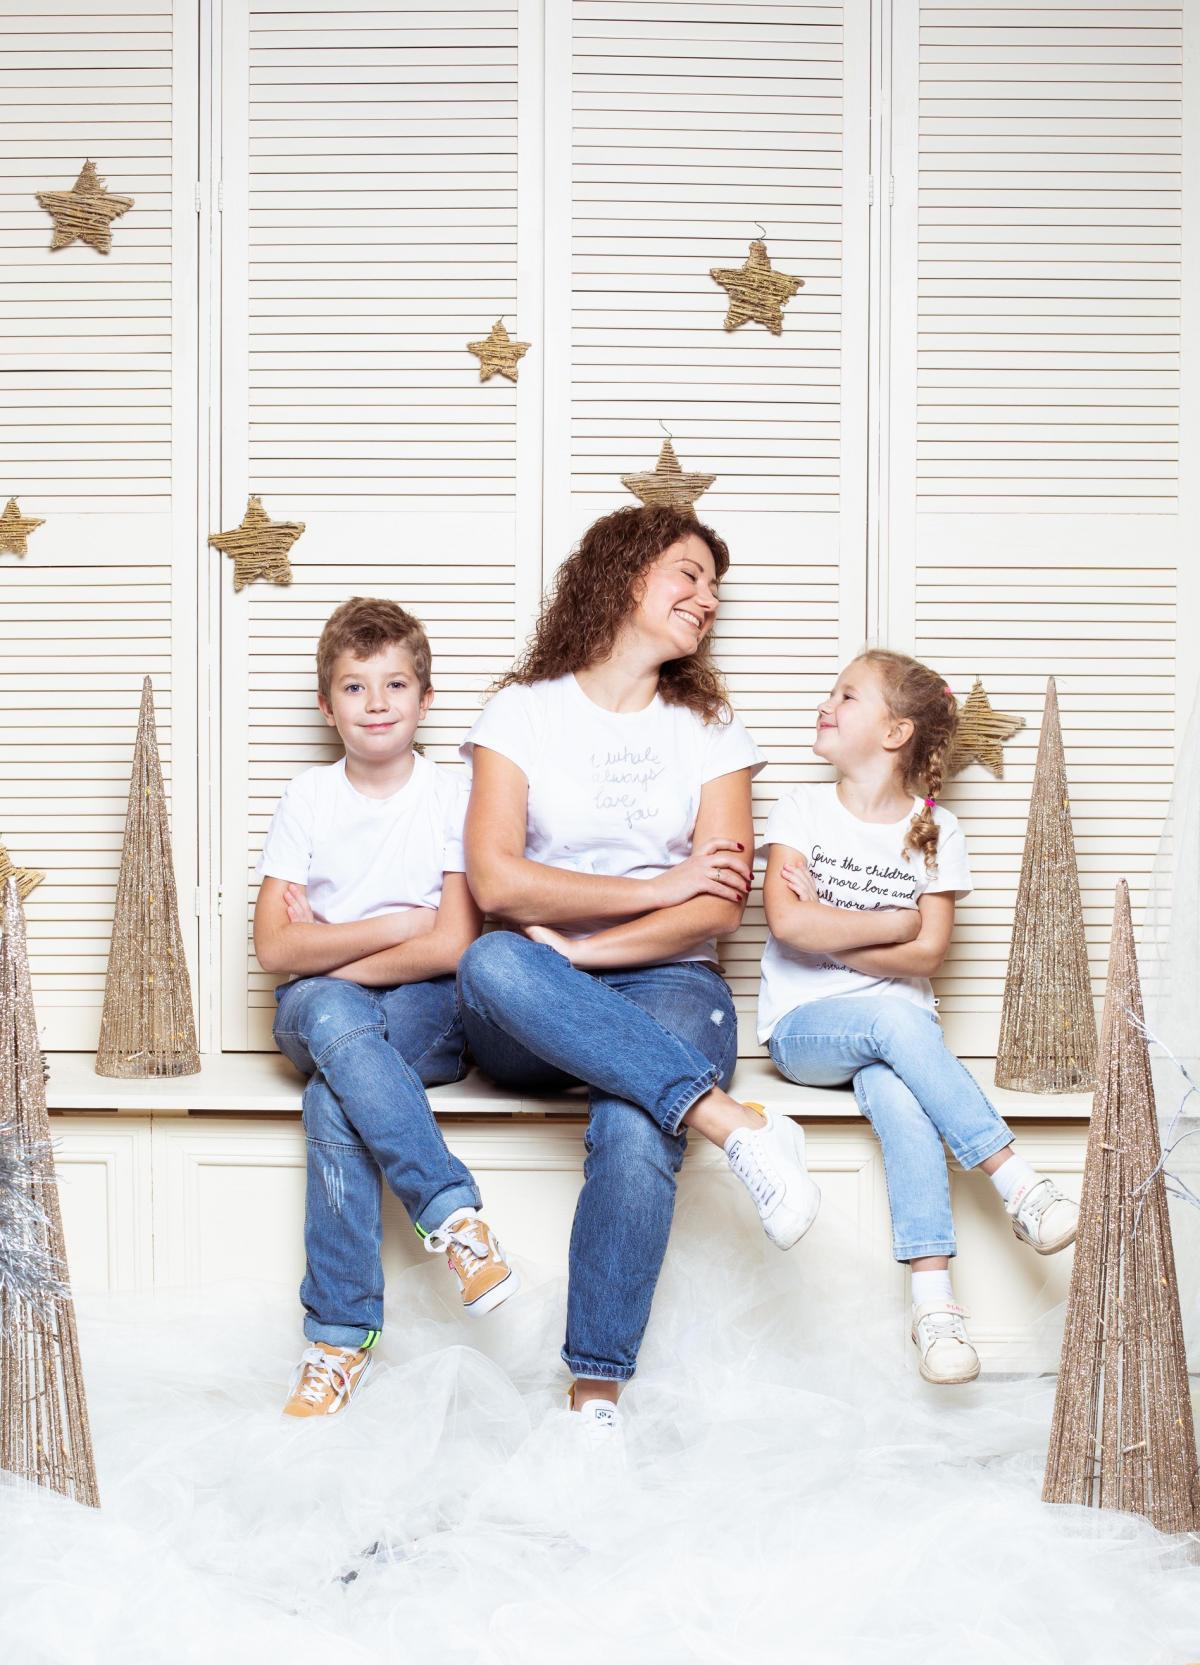 Родители могут расширять рамки восприятия ребенка / фото из личного архива героини